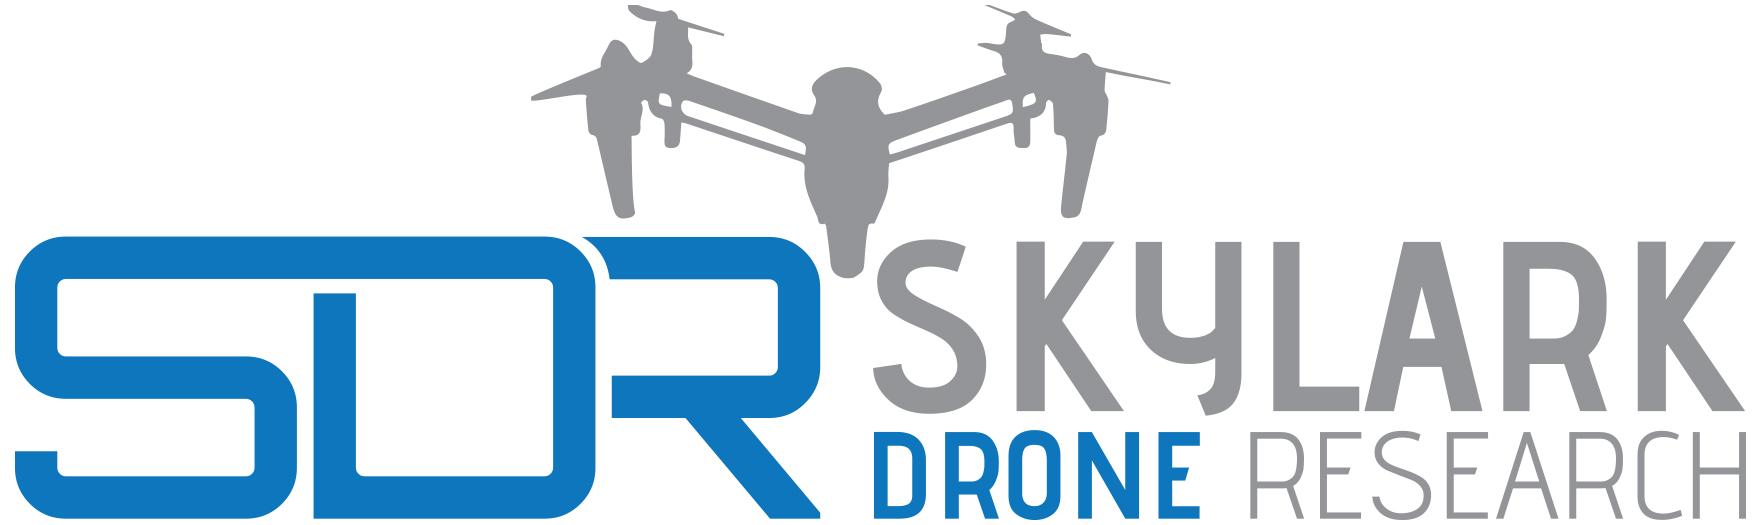 Skylark Drone Research